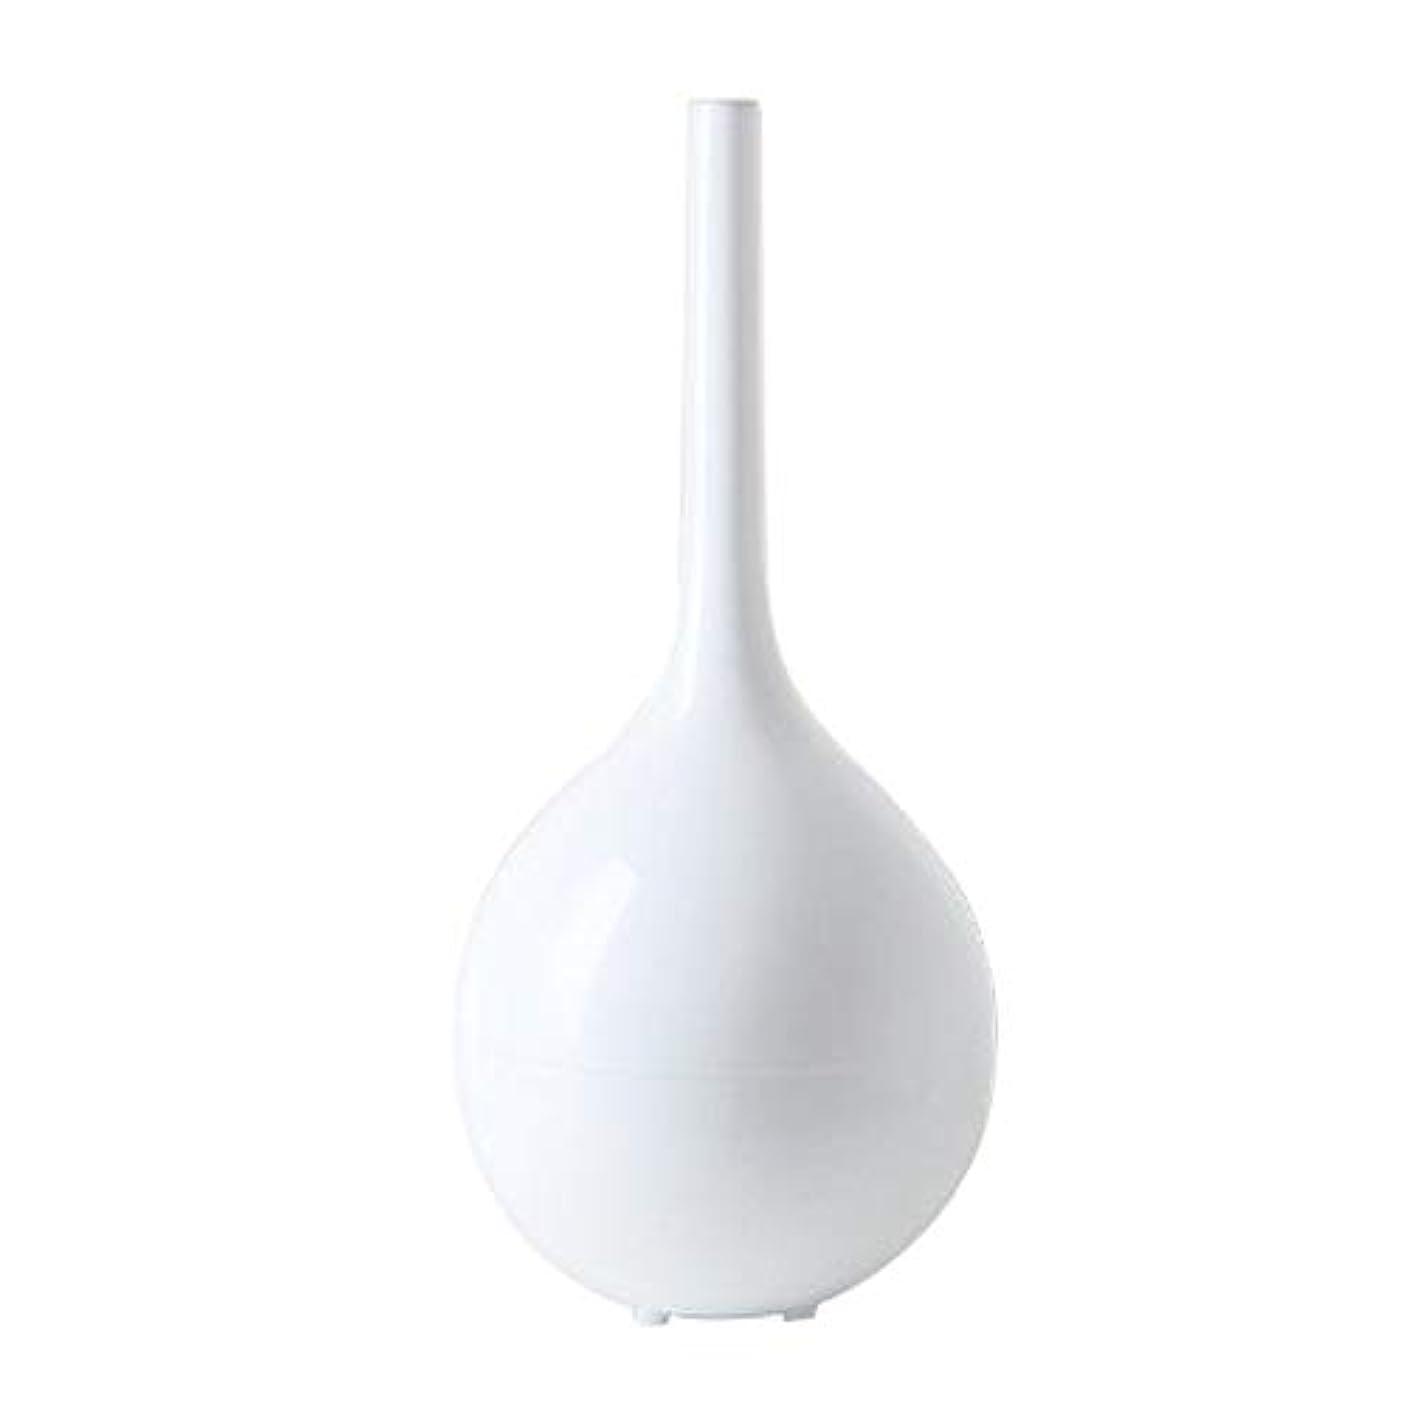 蛾童謡変数超音波加湿器 アロマ 加湿器 1.2L 200ml/h 卓上 大容量 Sophia オフィス 加湿量調節 ホワイト